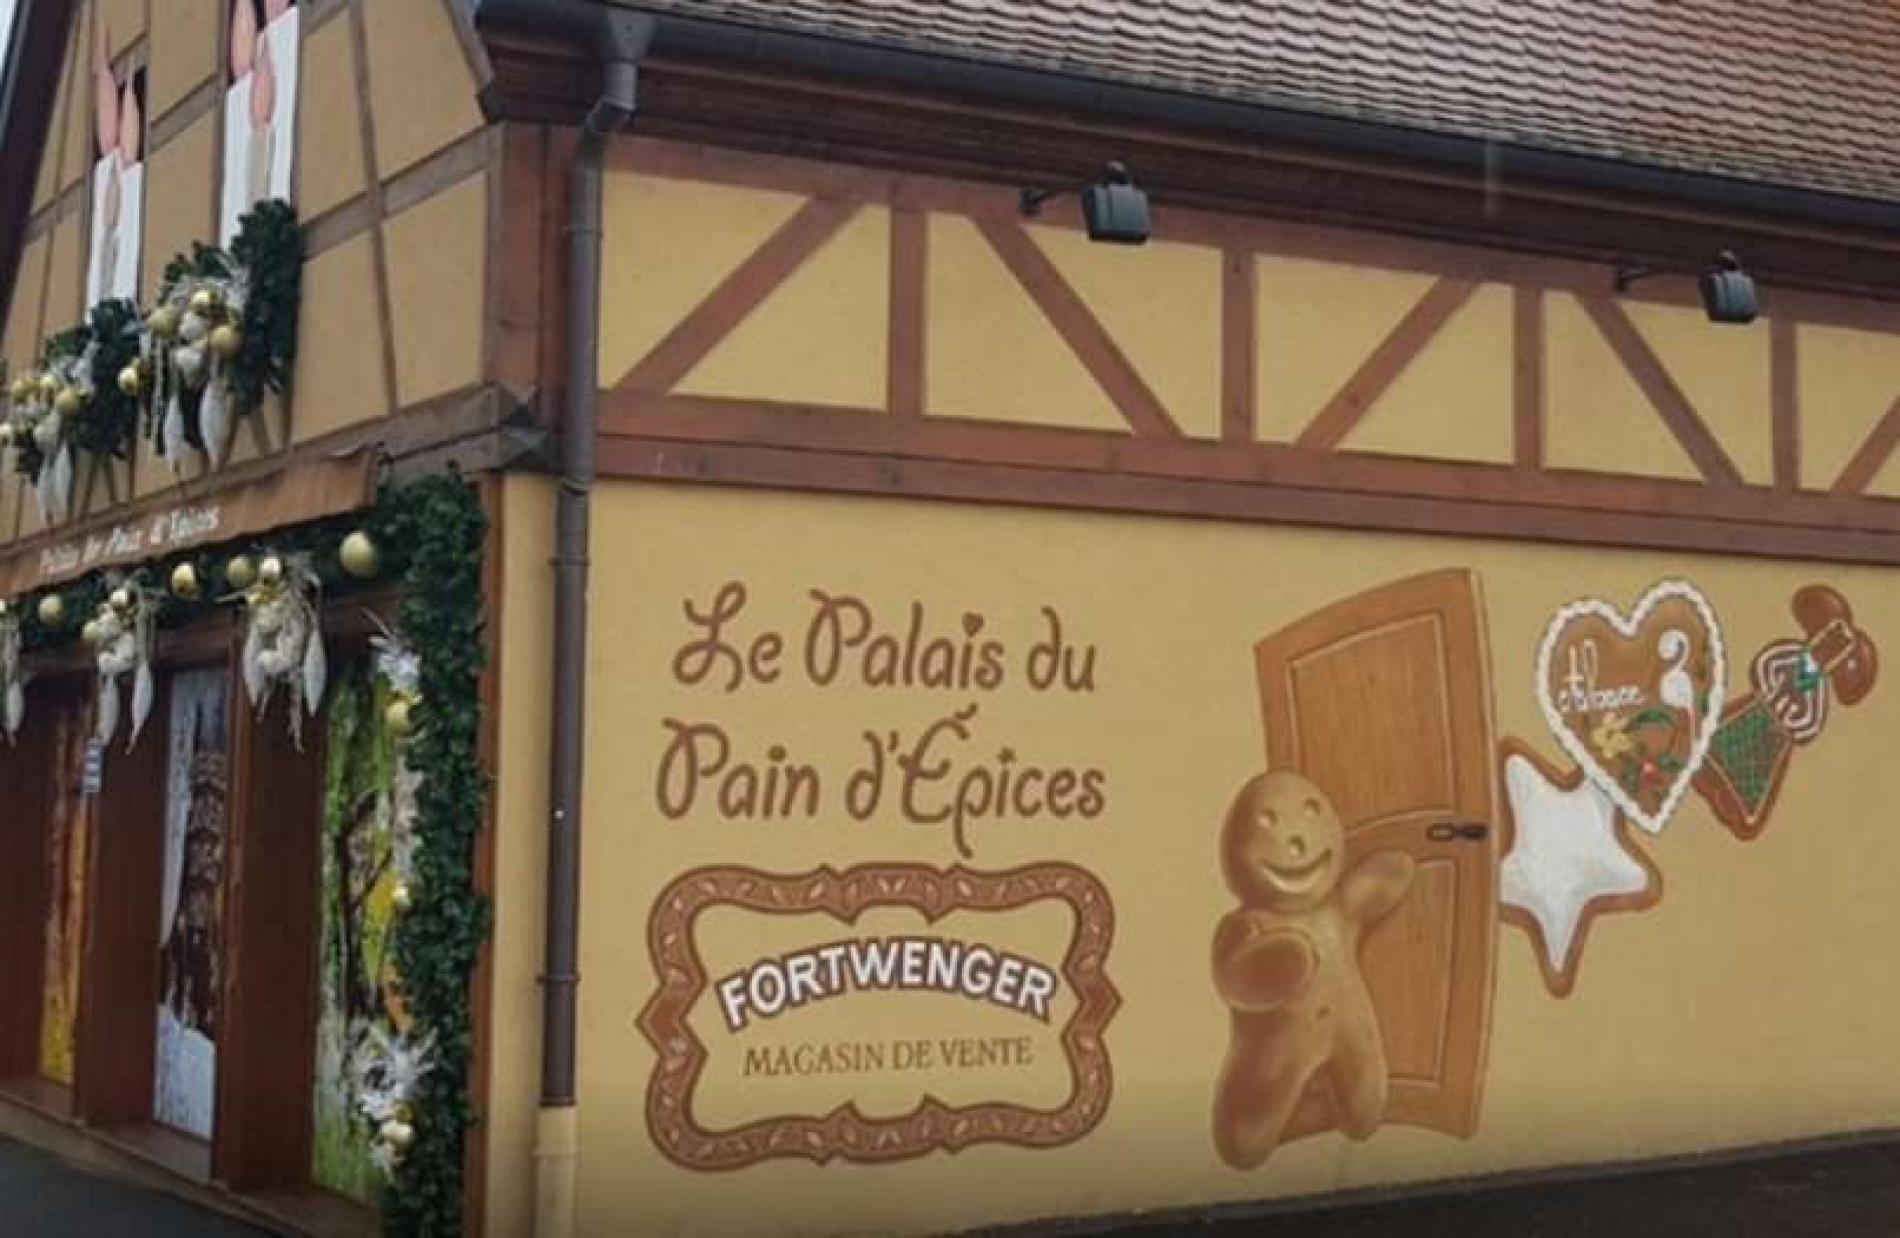 Le Palais du Pain d' Epices